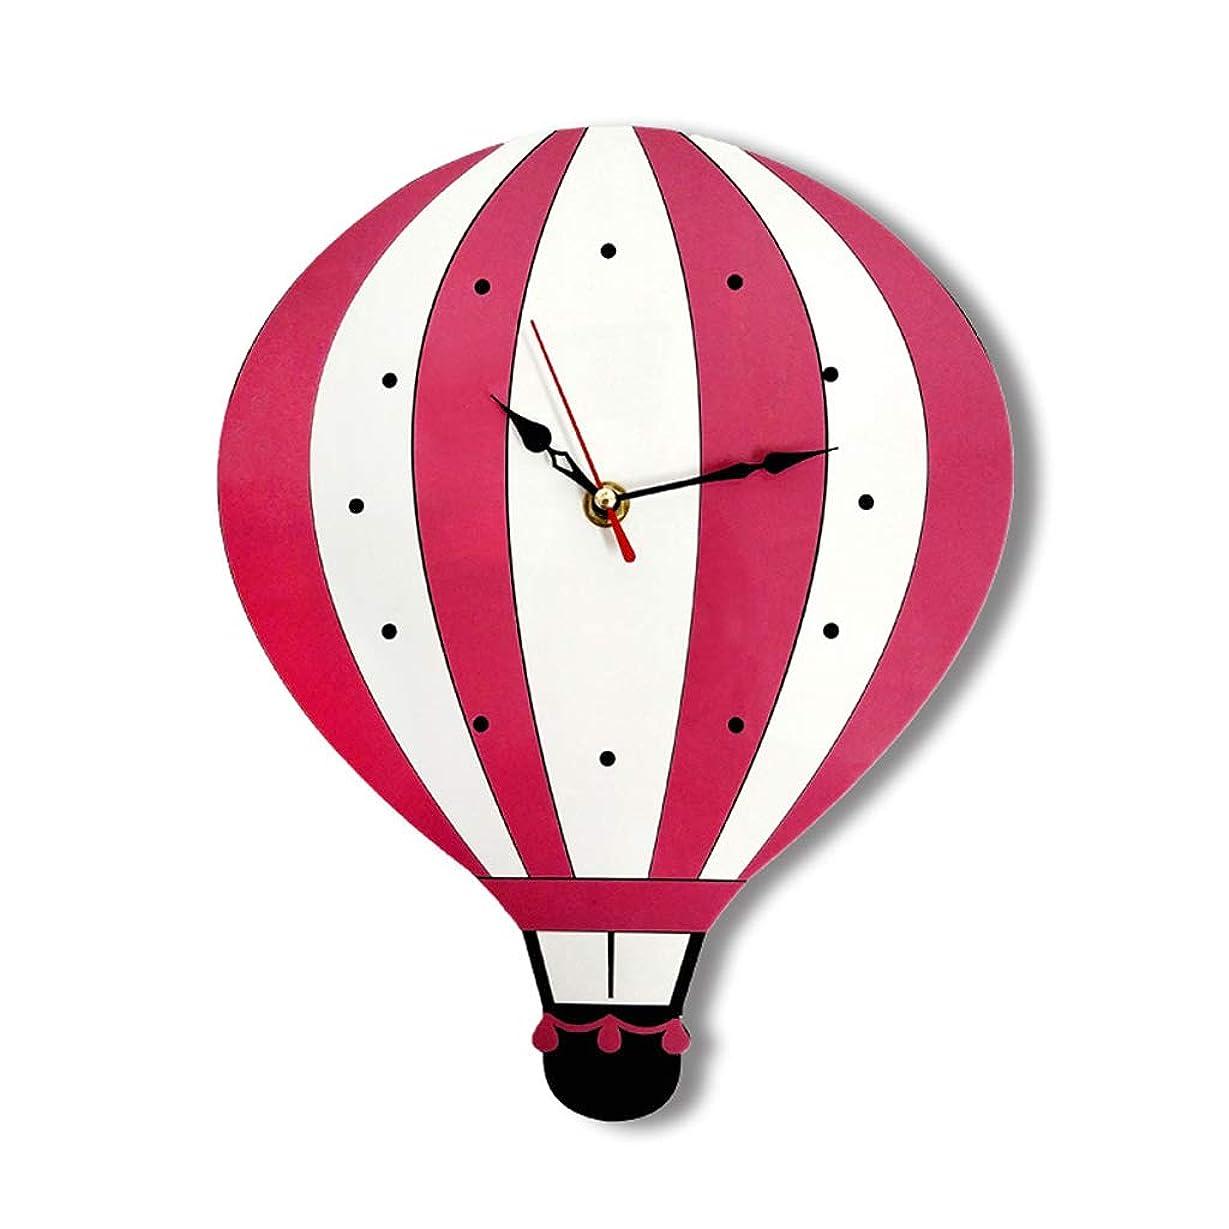 衝突コースあえて記者水素ボール壁時計漫画時計リビングルームアクリル時計装飾的な壁時計 JSFQ